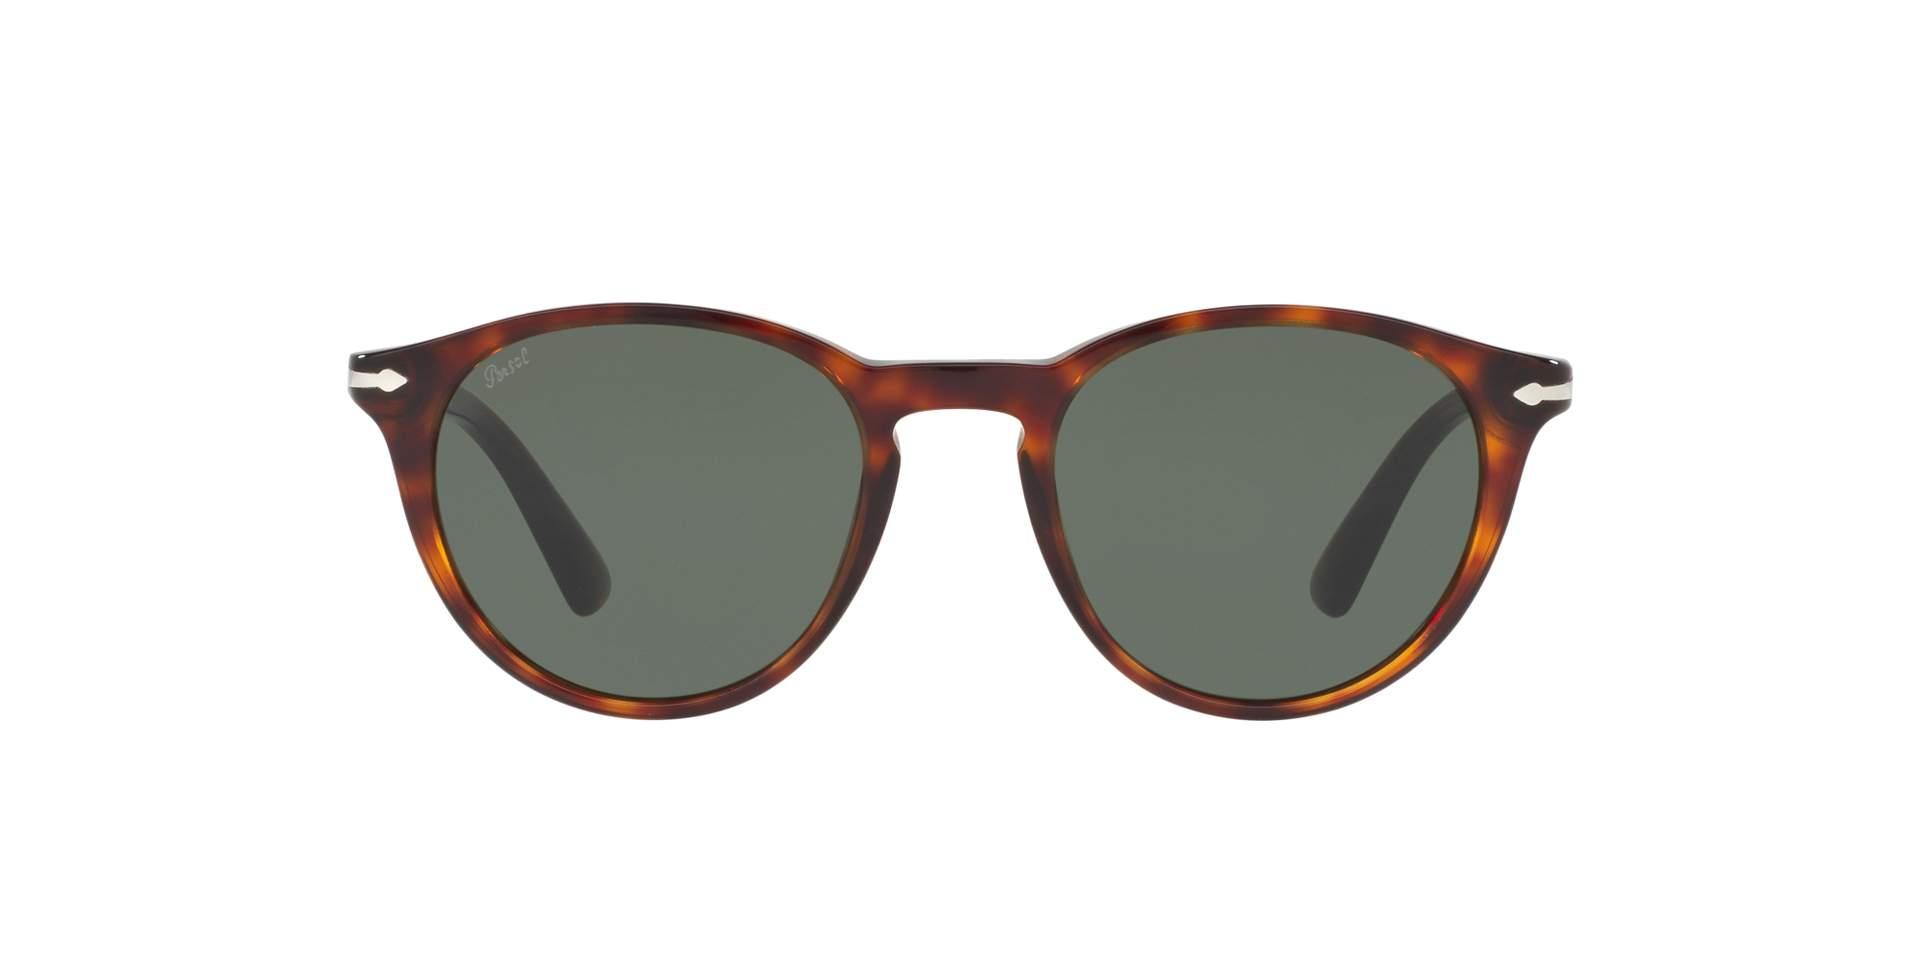 8c77172969aeb Sunglasses Persol PO3152S 9015 31 49-20 Tortoise Medium